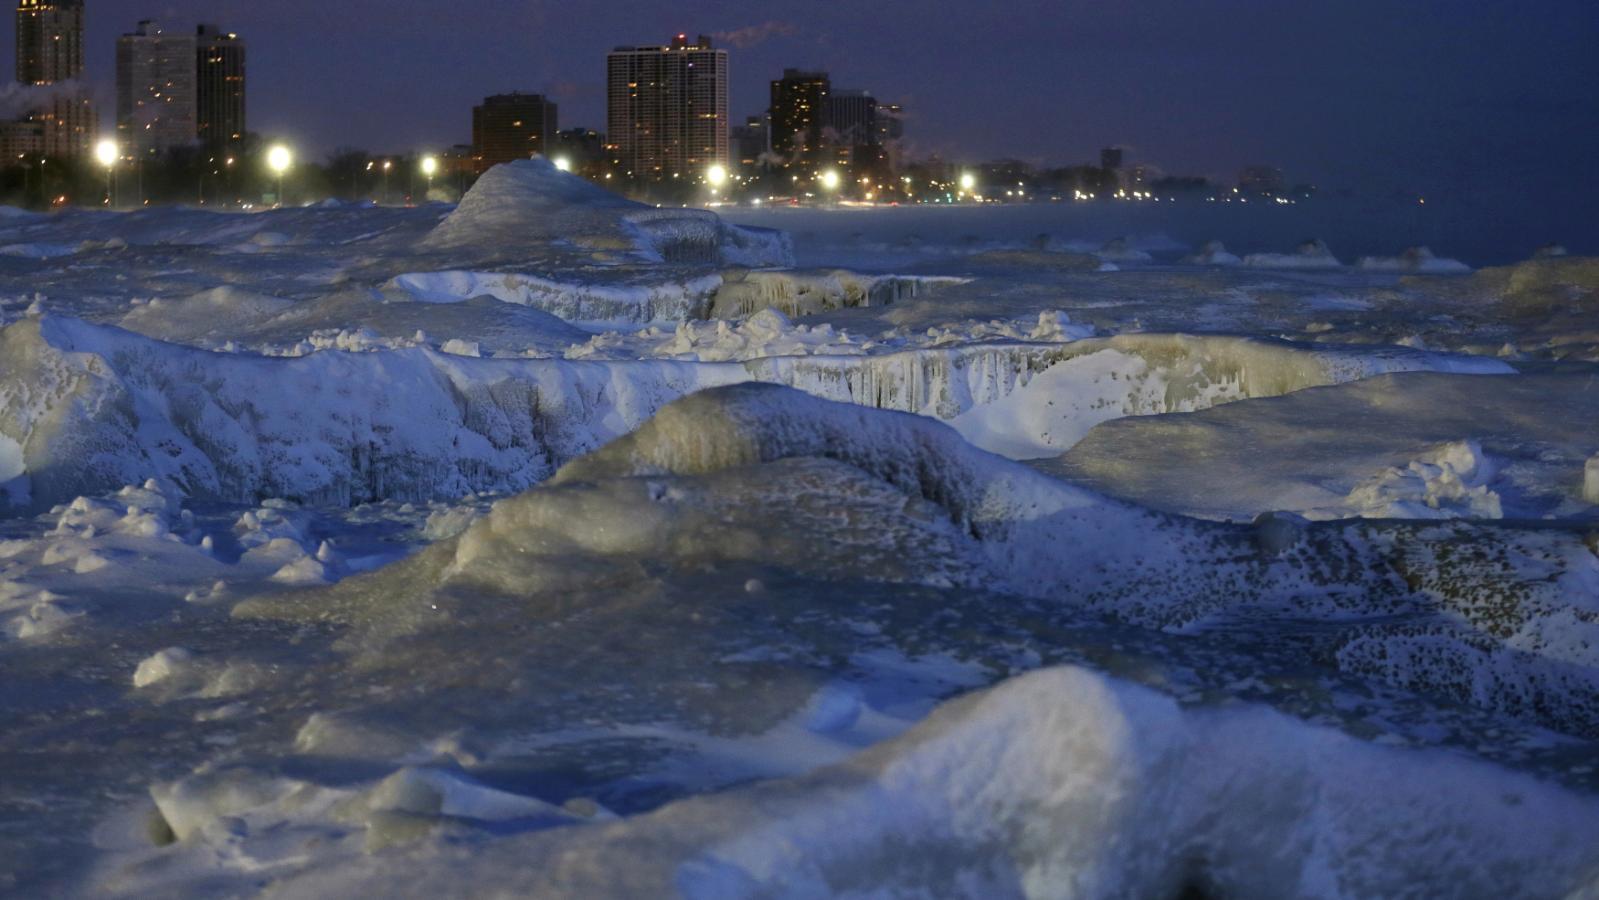 Zamrzlá promenáda North Avenue Beach podél břehu jezera Michigan